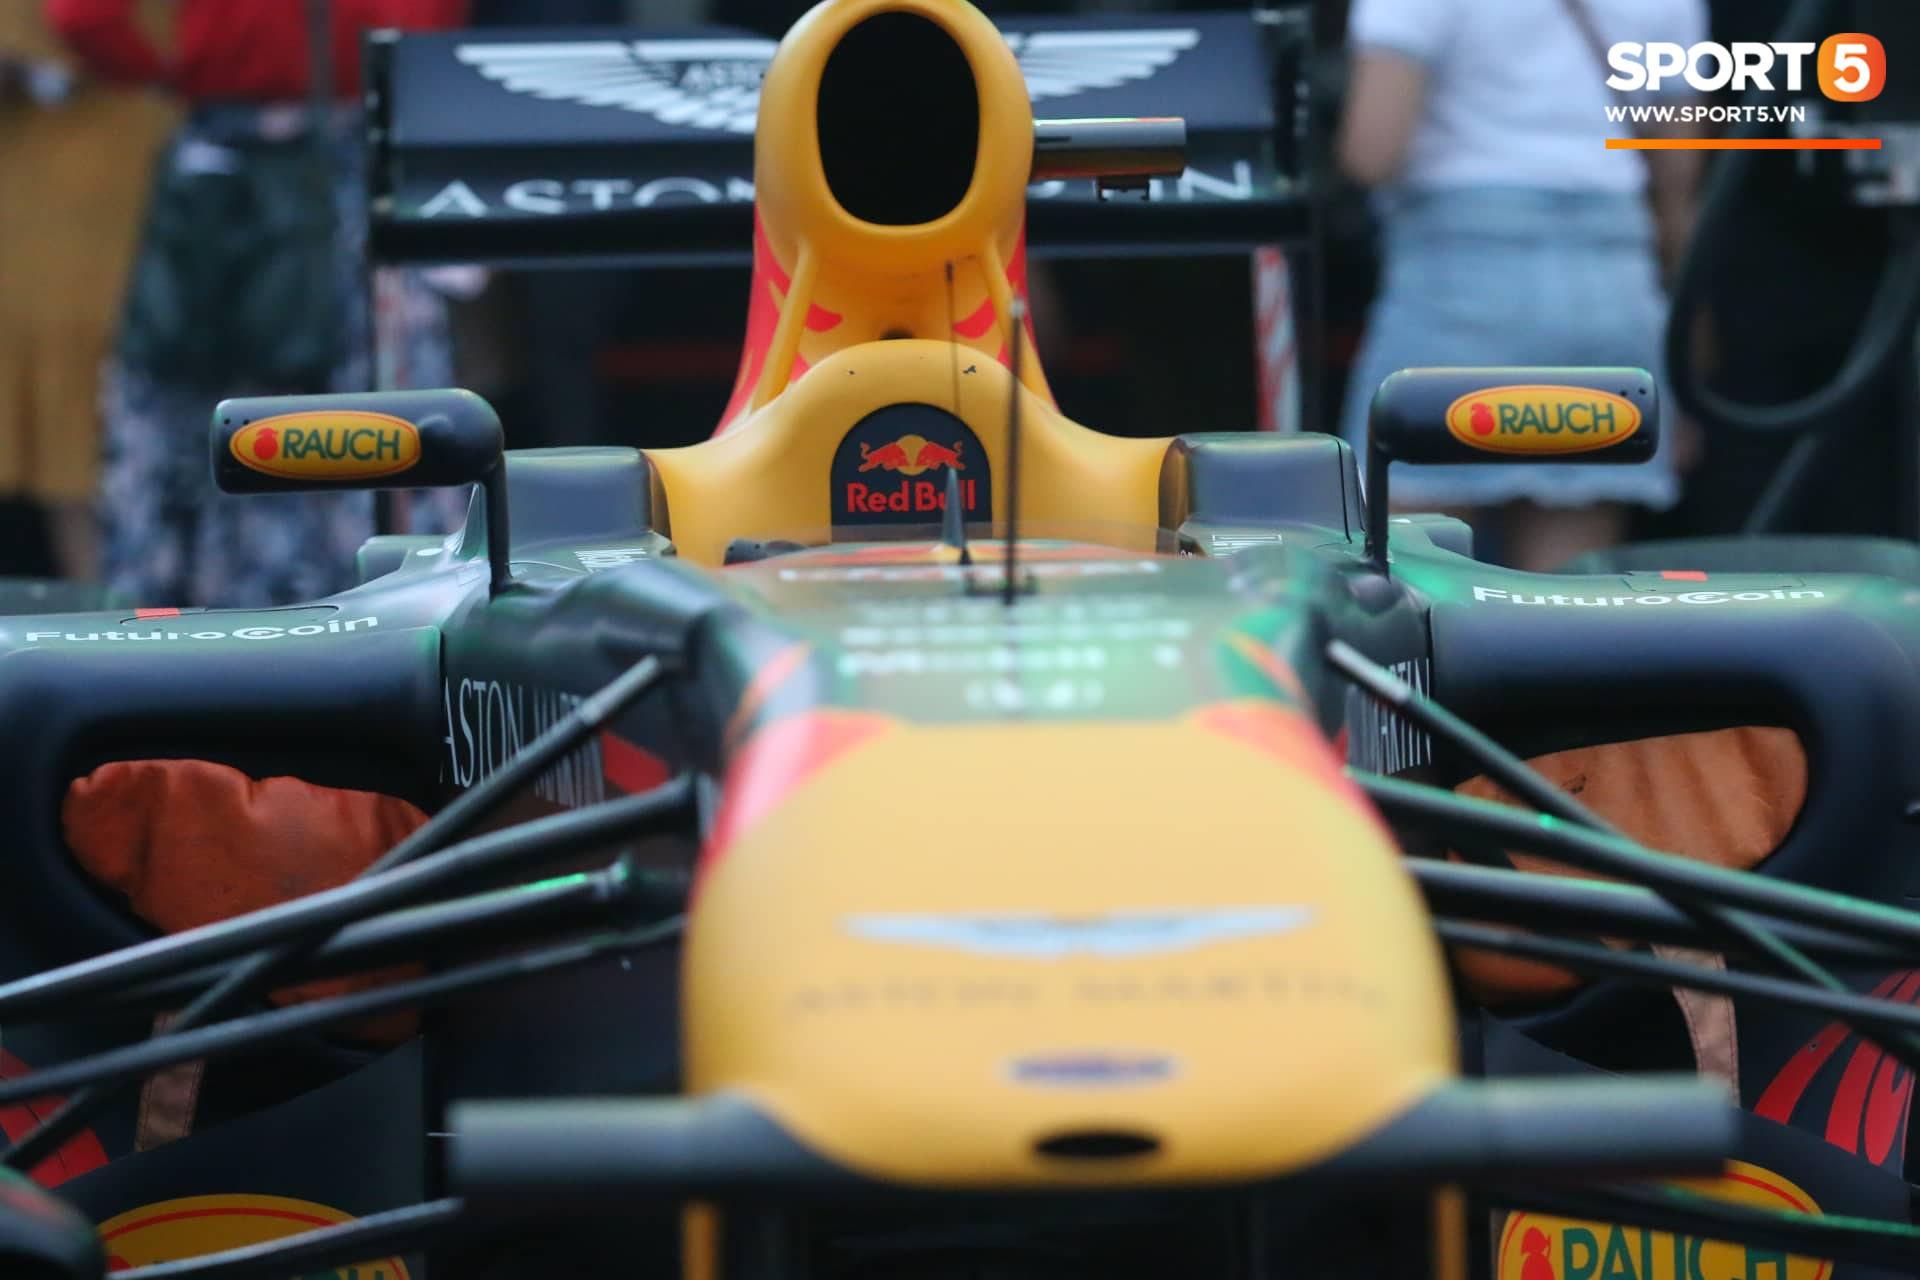 Sự kiện Khởi động F1 Việt Nam Grand Prix: Hoành tráng, mãn nhãn và đầy hứa hẹn - Ảnh 24.